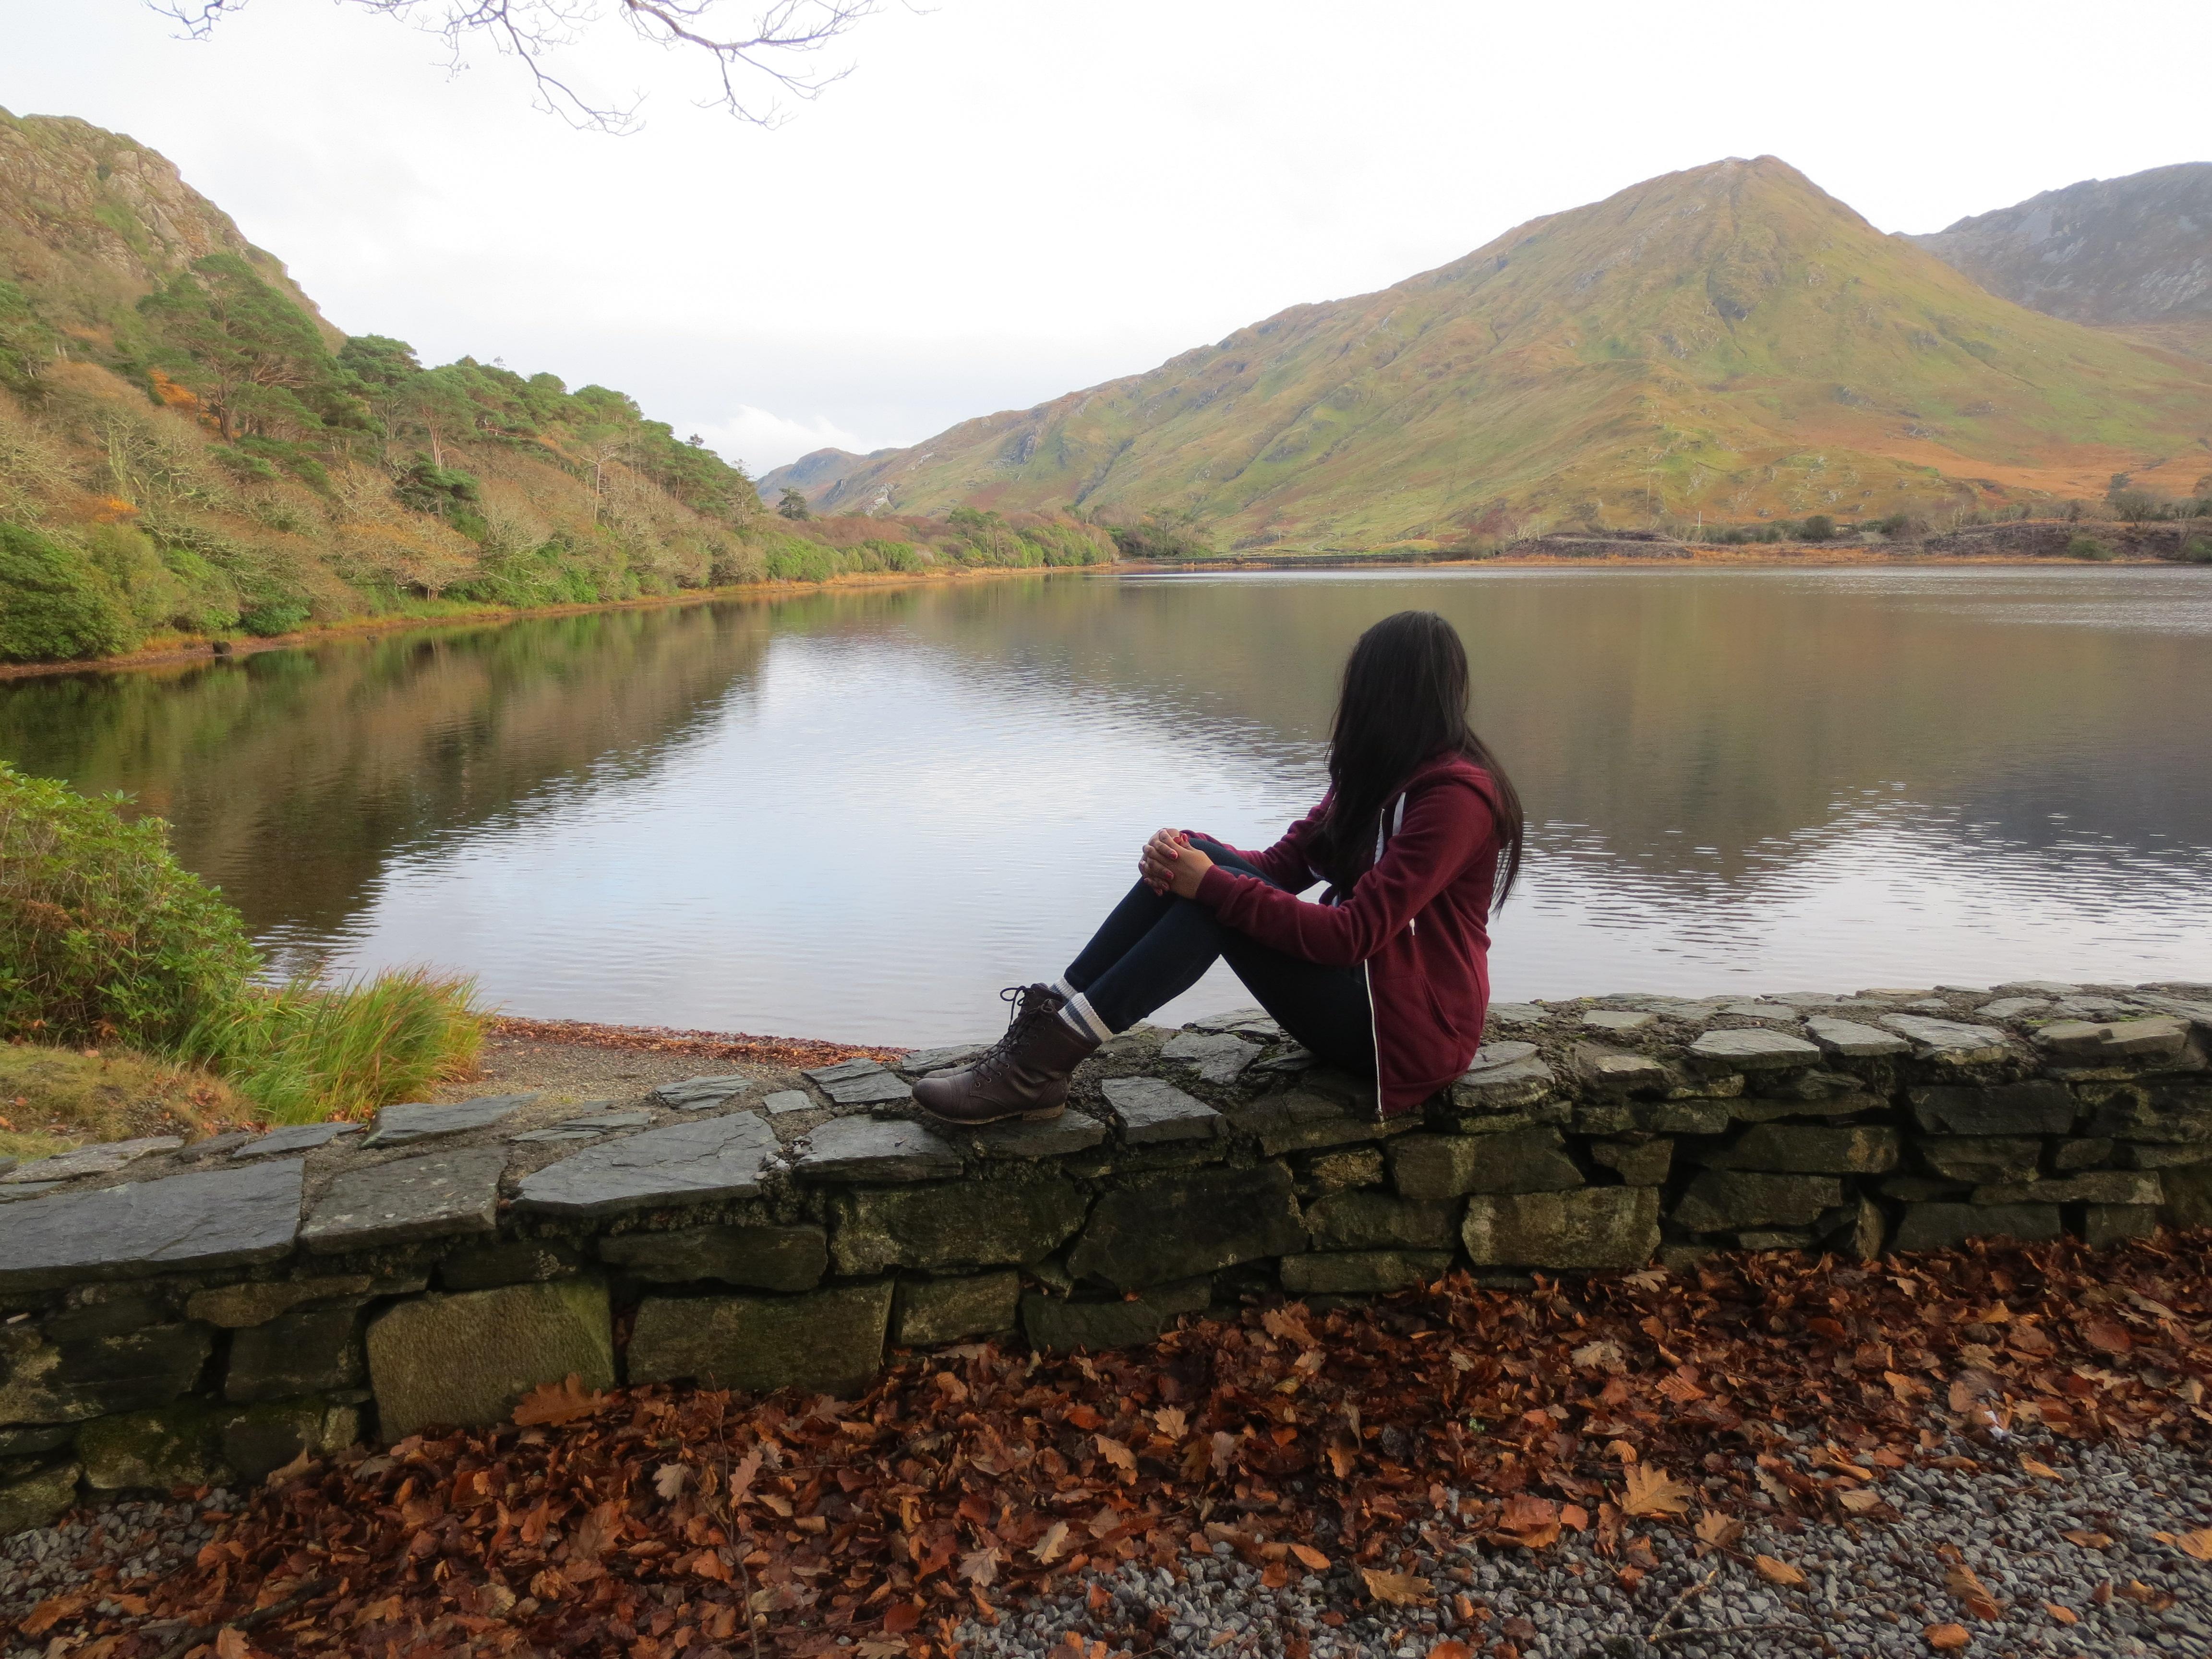 lakewatching.jpg